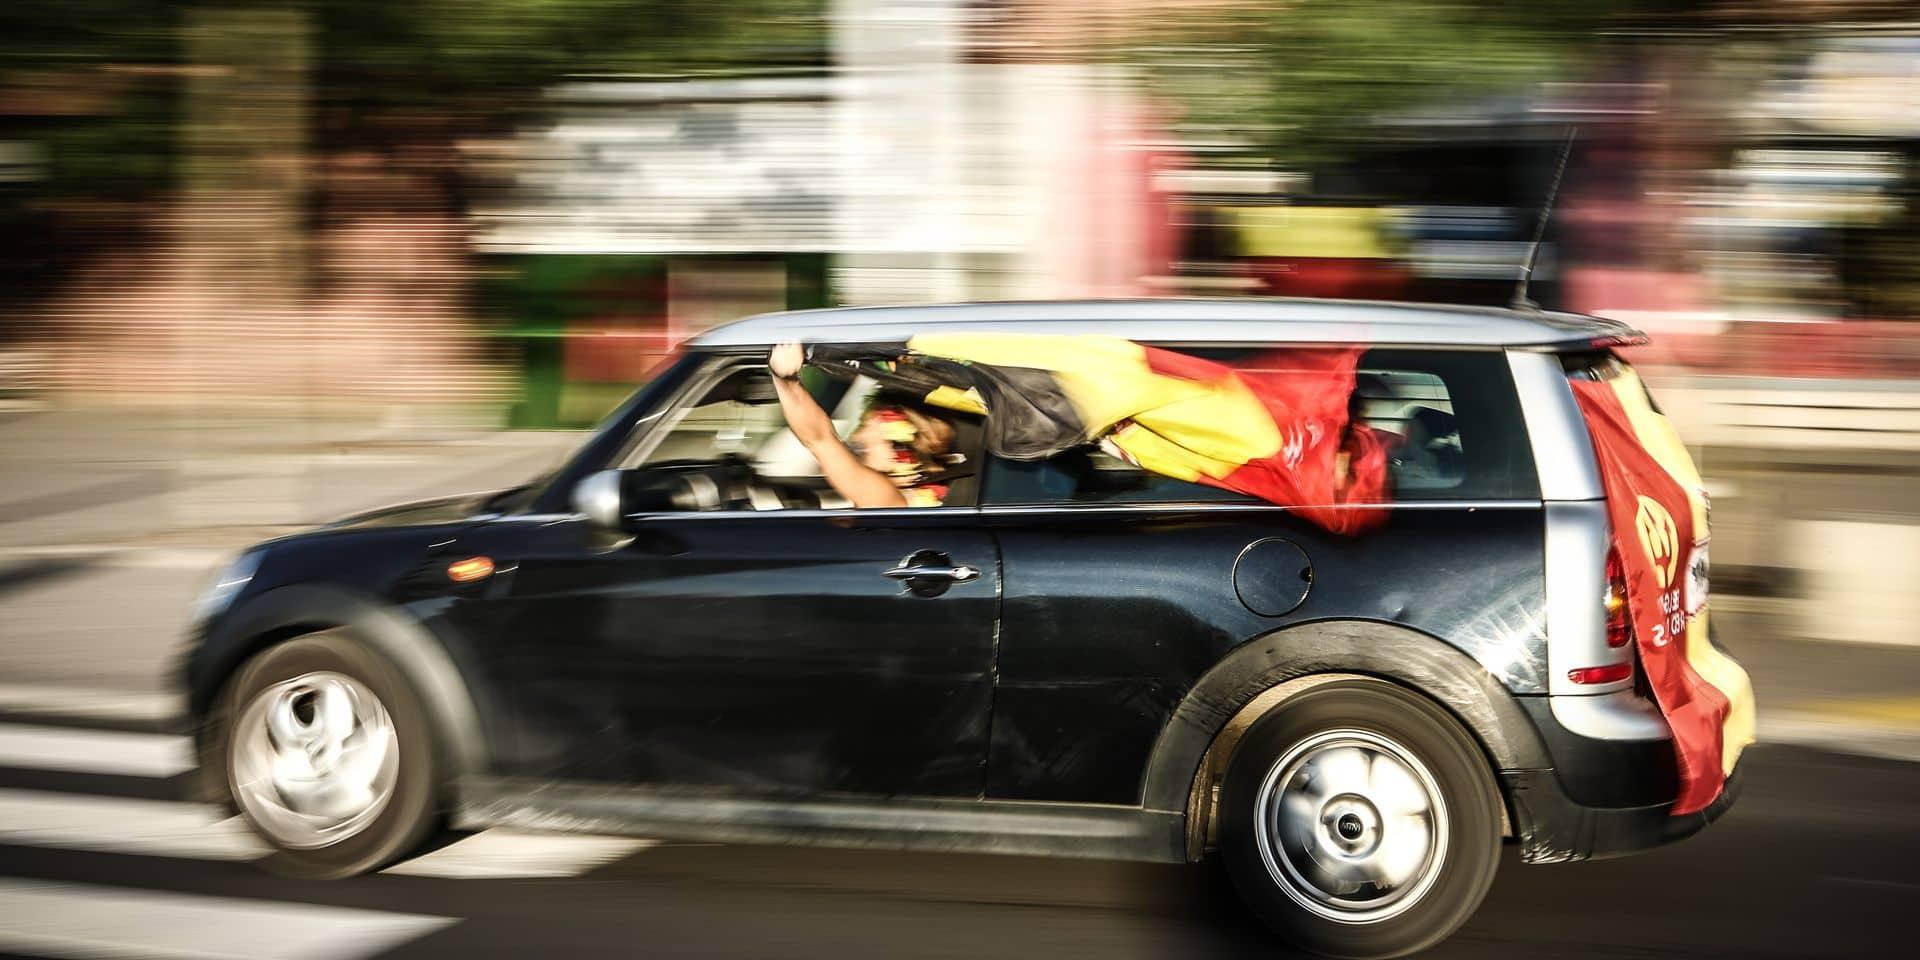 Klaxons de victoire après Belgique-Italie: la police veillera et filtrera les accès dans certaines villes, quel que soit le vainqueur